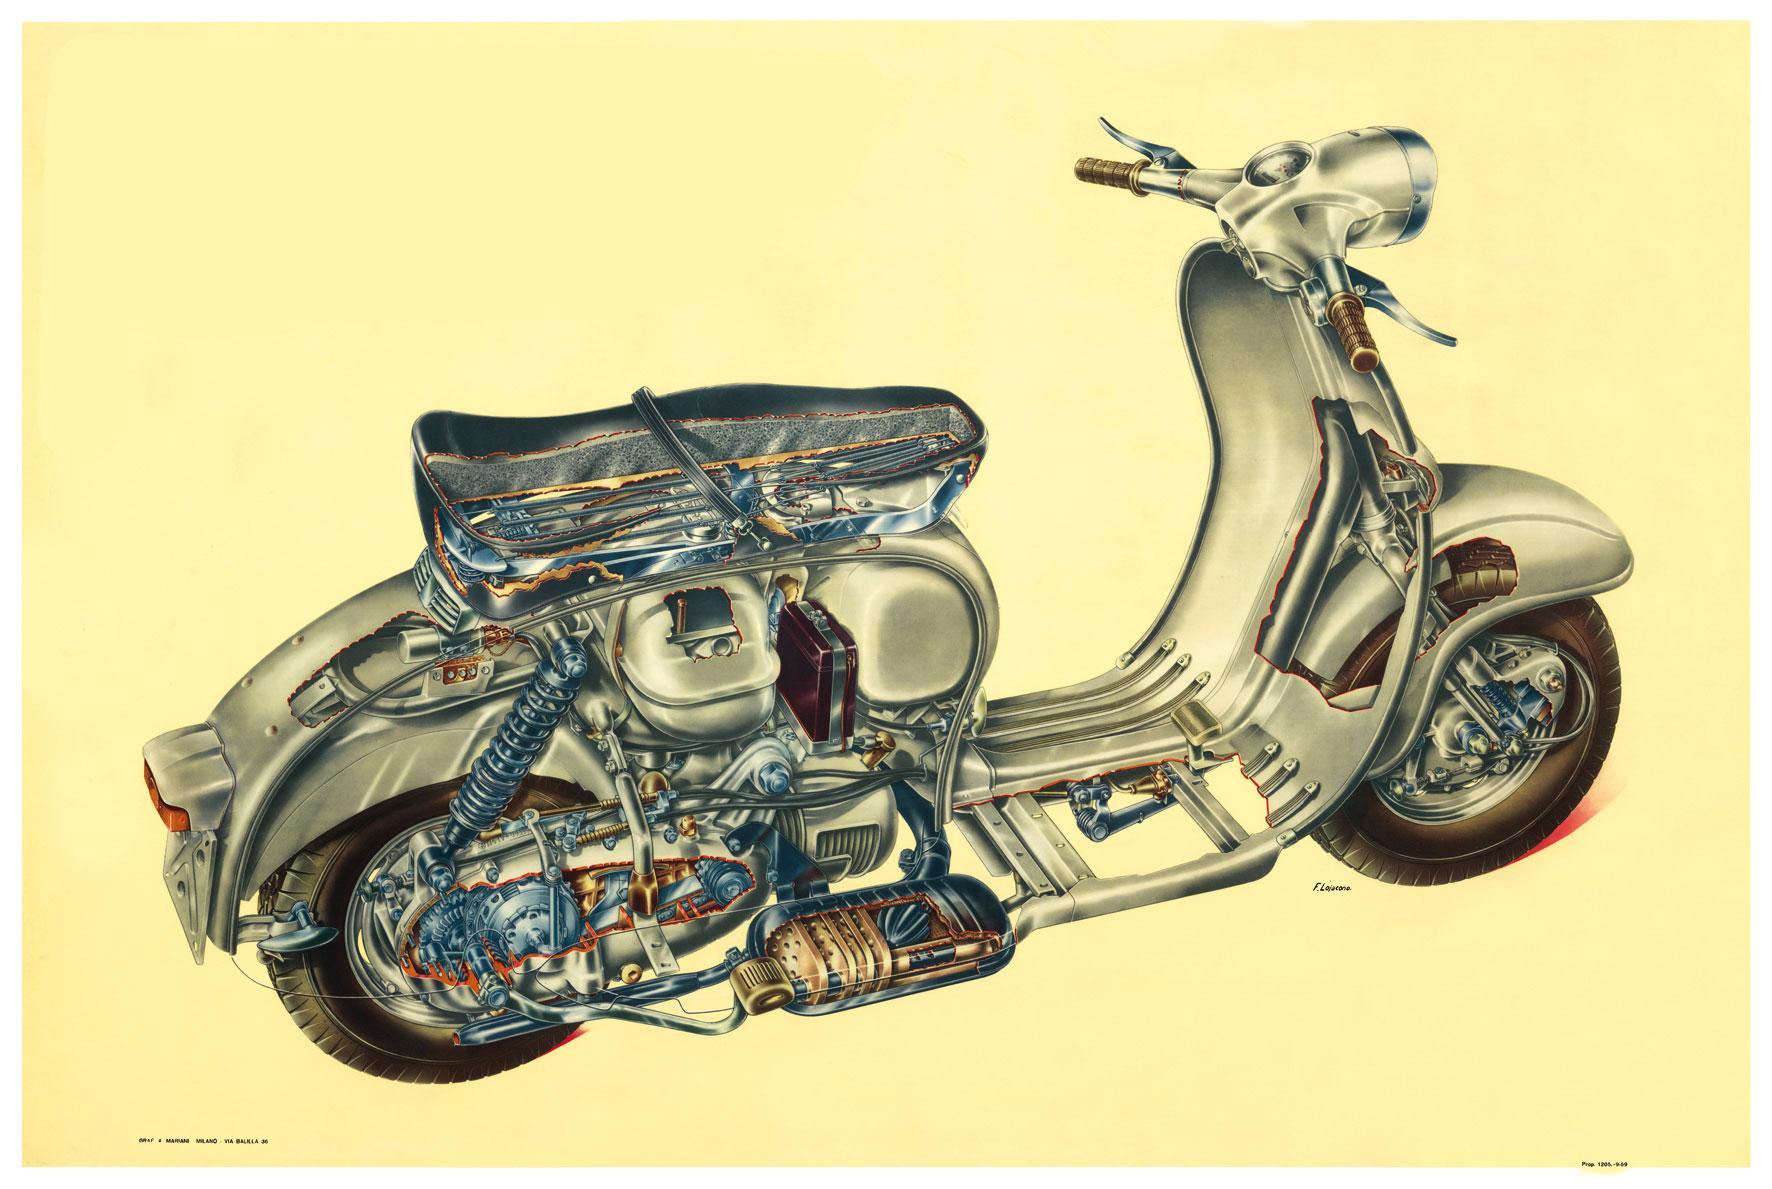 Lambretta Li scooter cutaway drawing